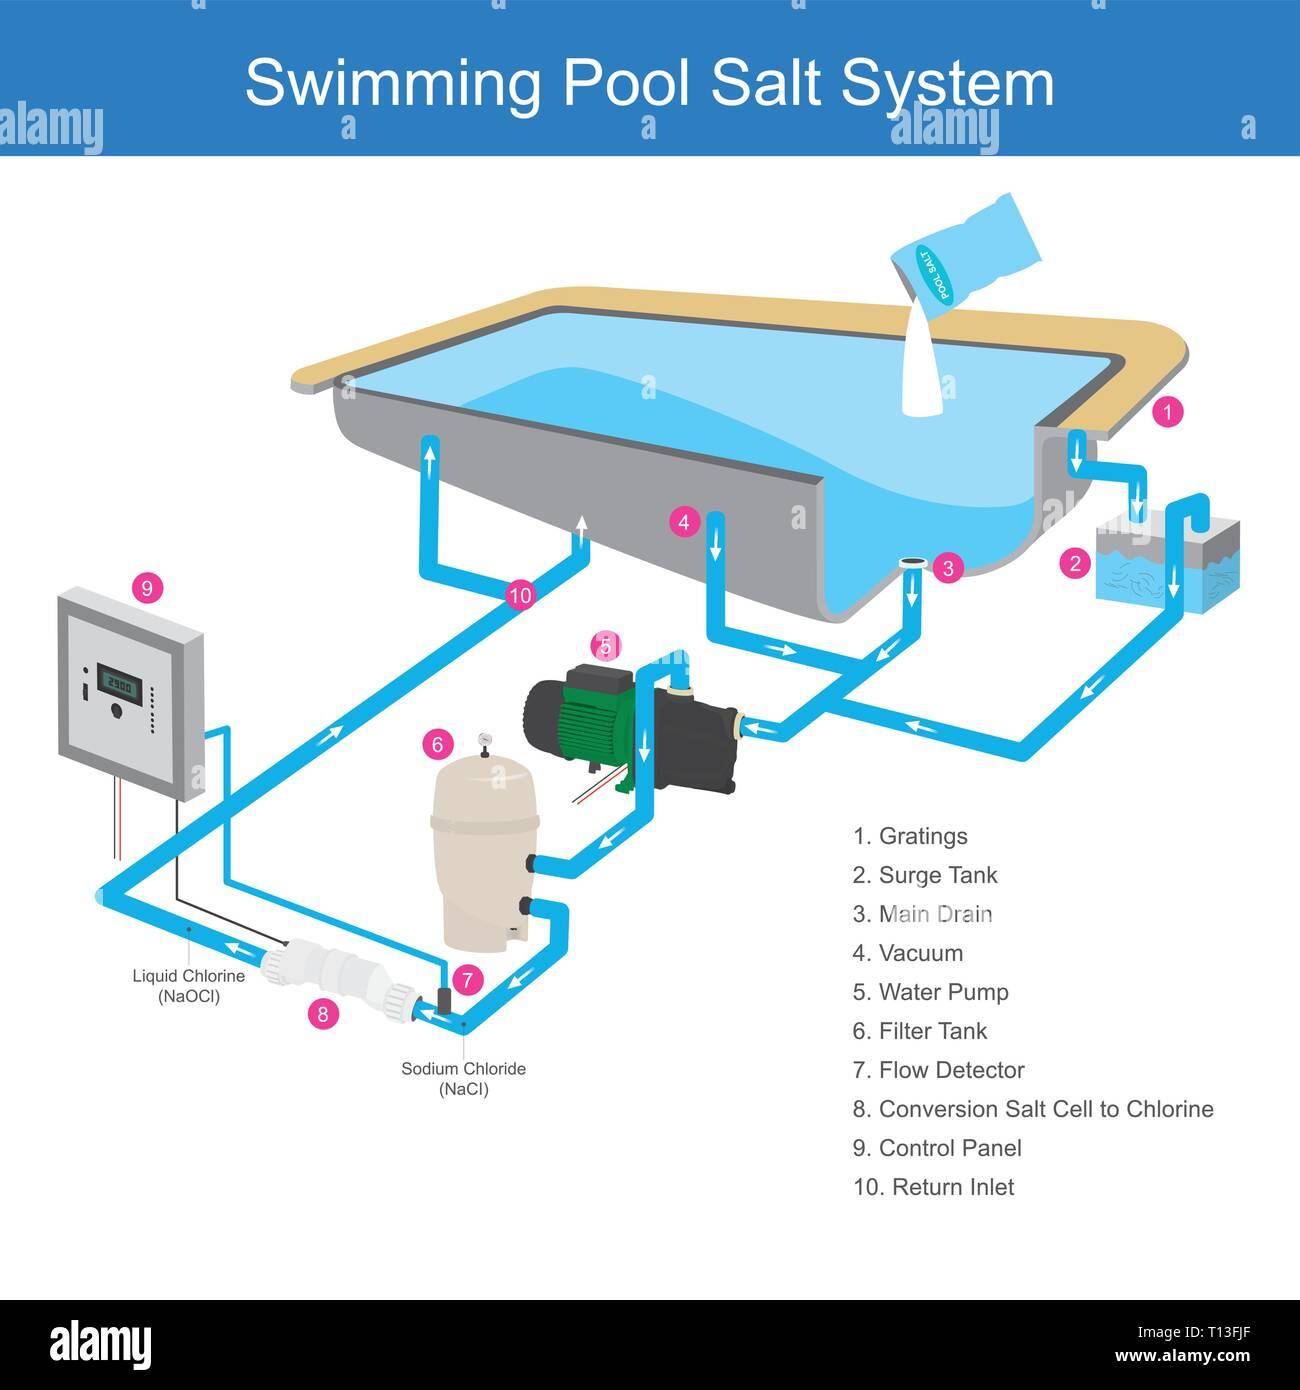 El sistema de filtro de agua en la piscina que utiliza la sal es una sustancia química que hace que el agua clara, por utilizar electrodos celda cambiando al cloro. Infografía i Ilustración del Vector